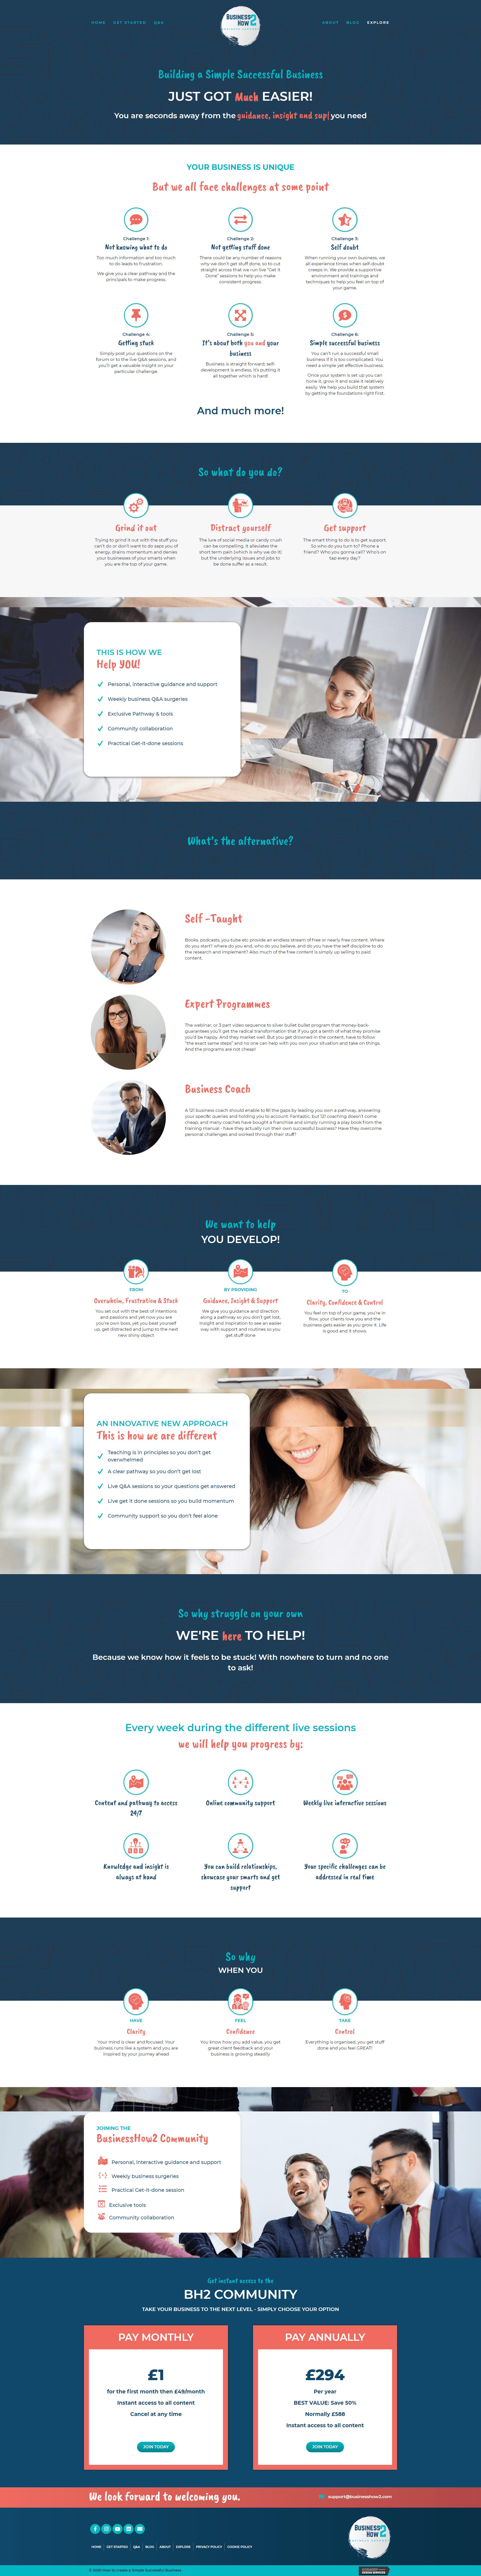 BusinessHow2 Explore